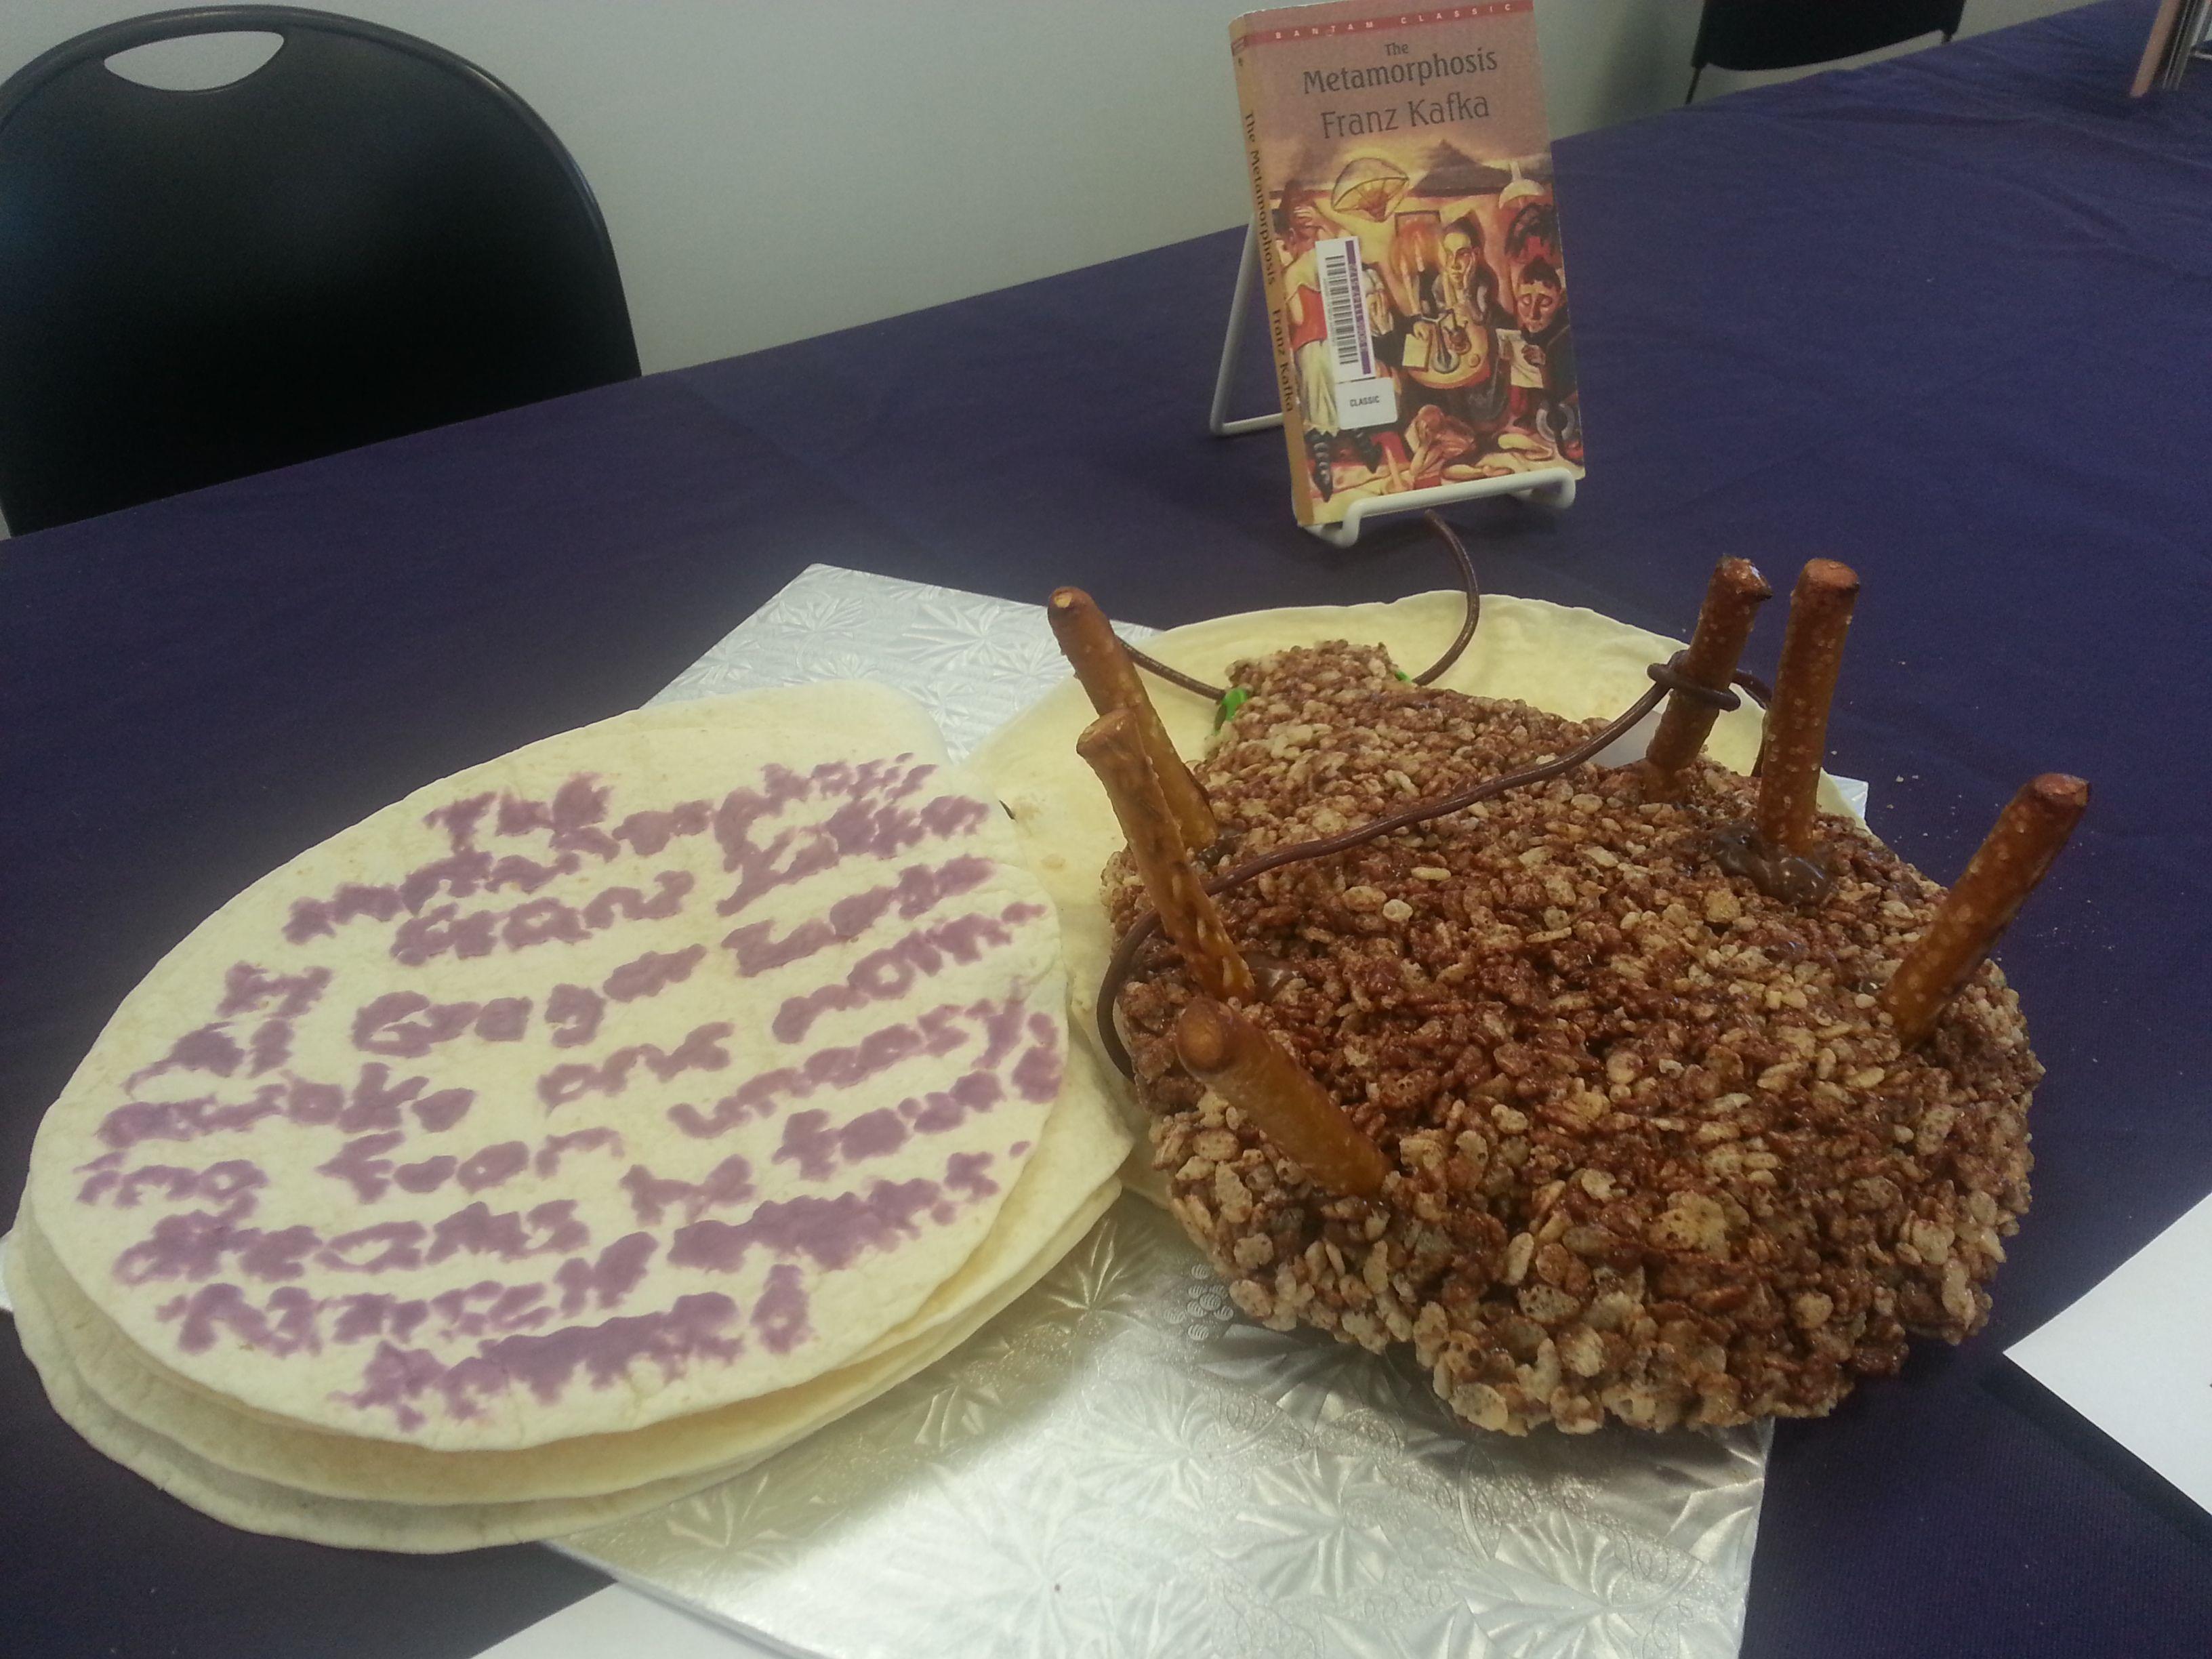 Resultado de imagen de the metamorphosis cake